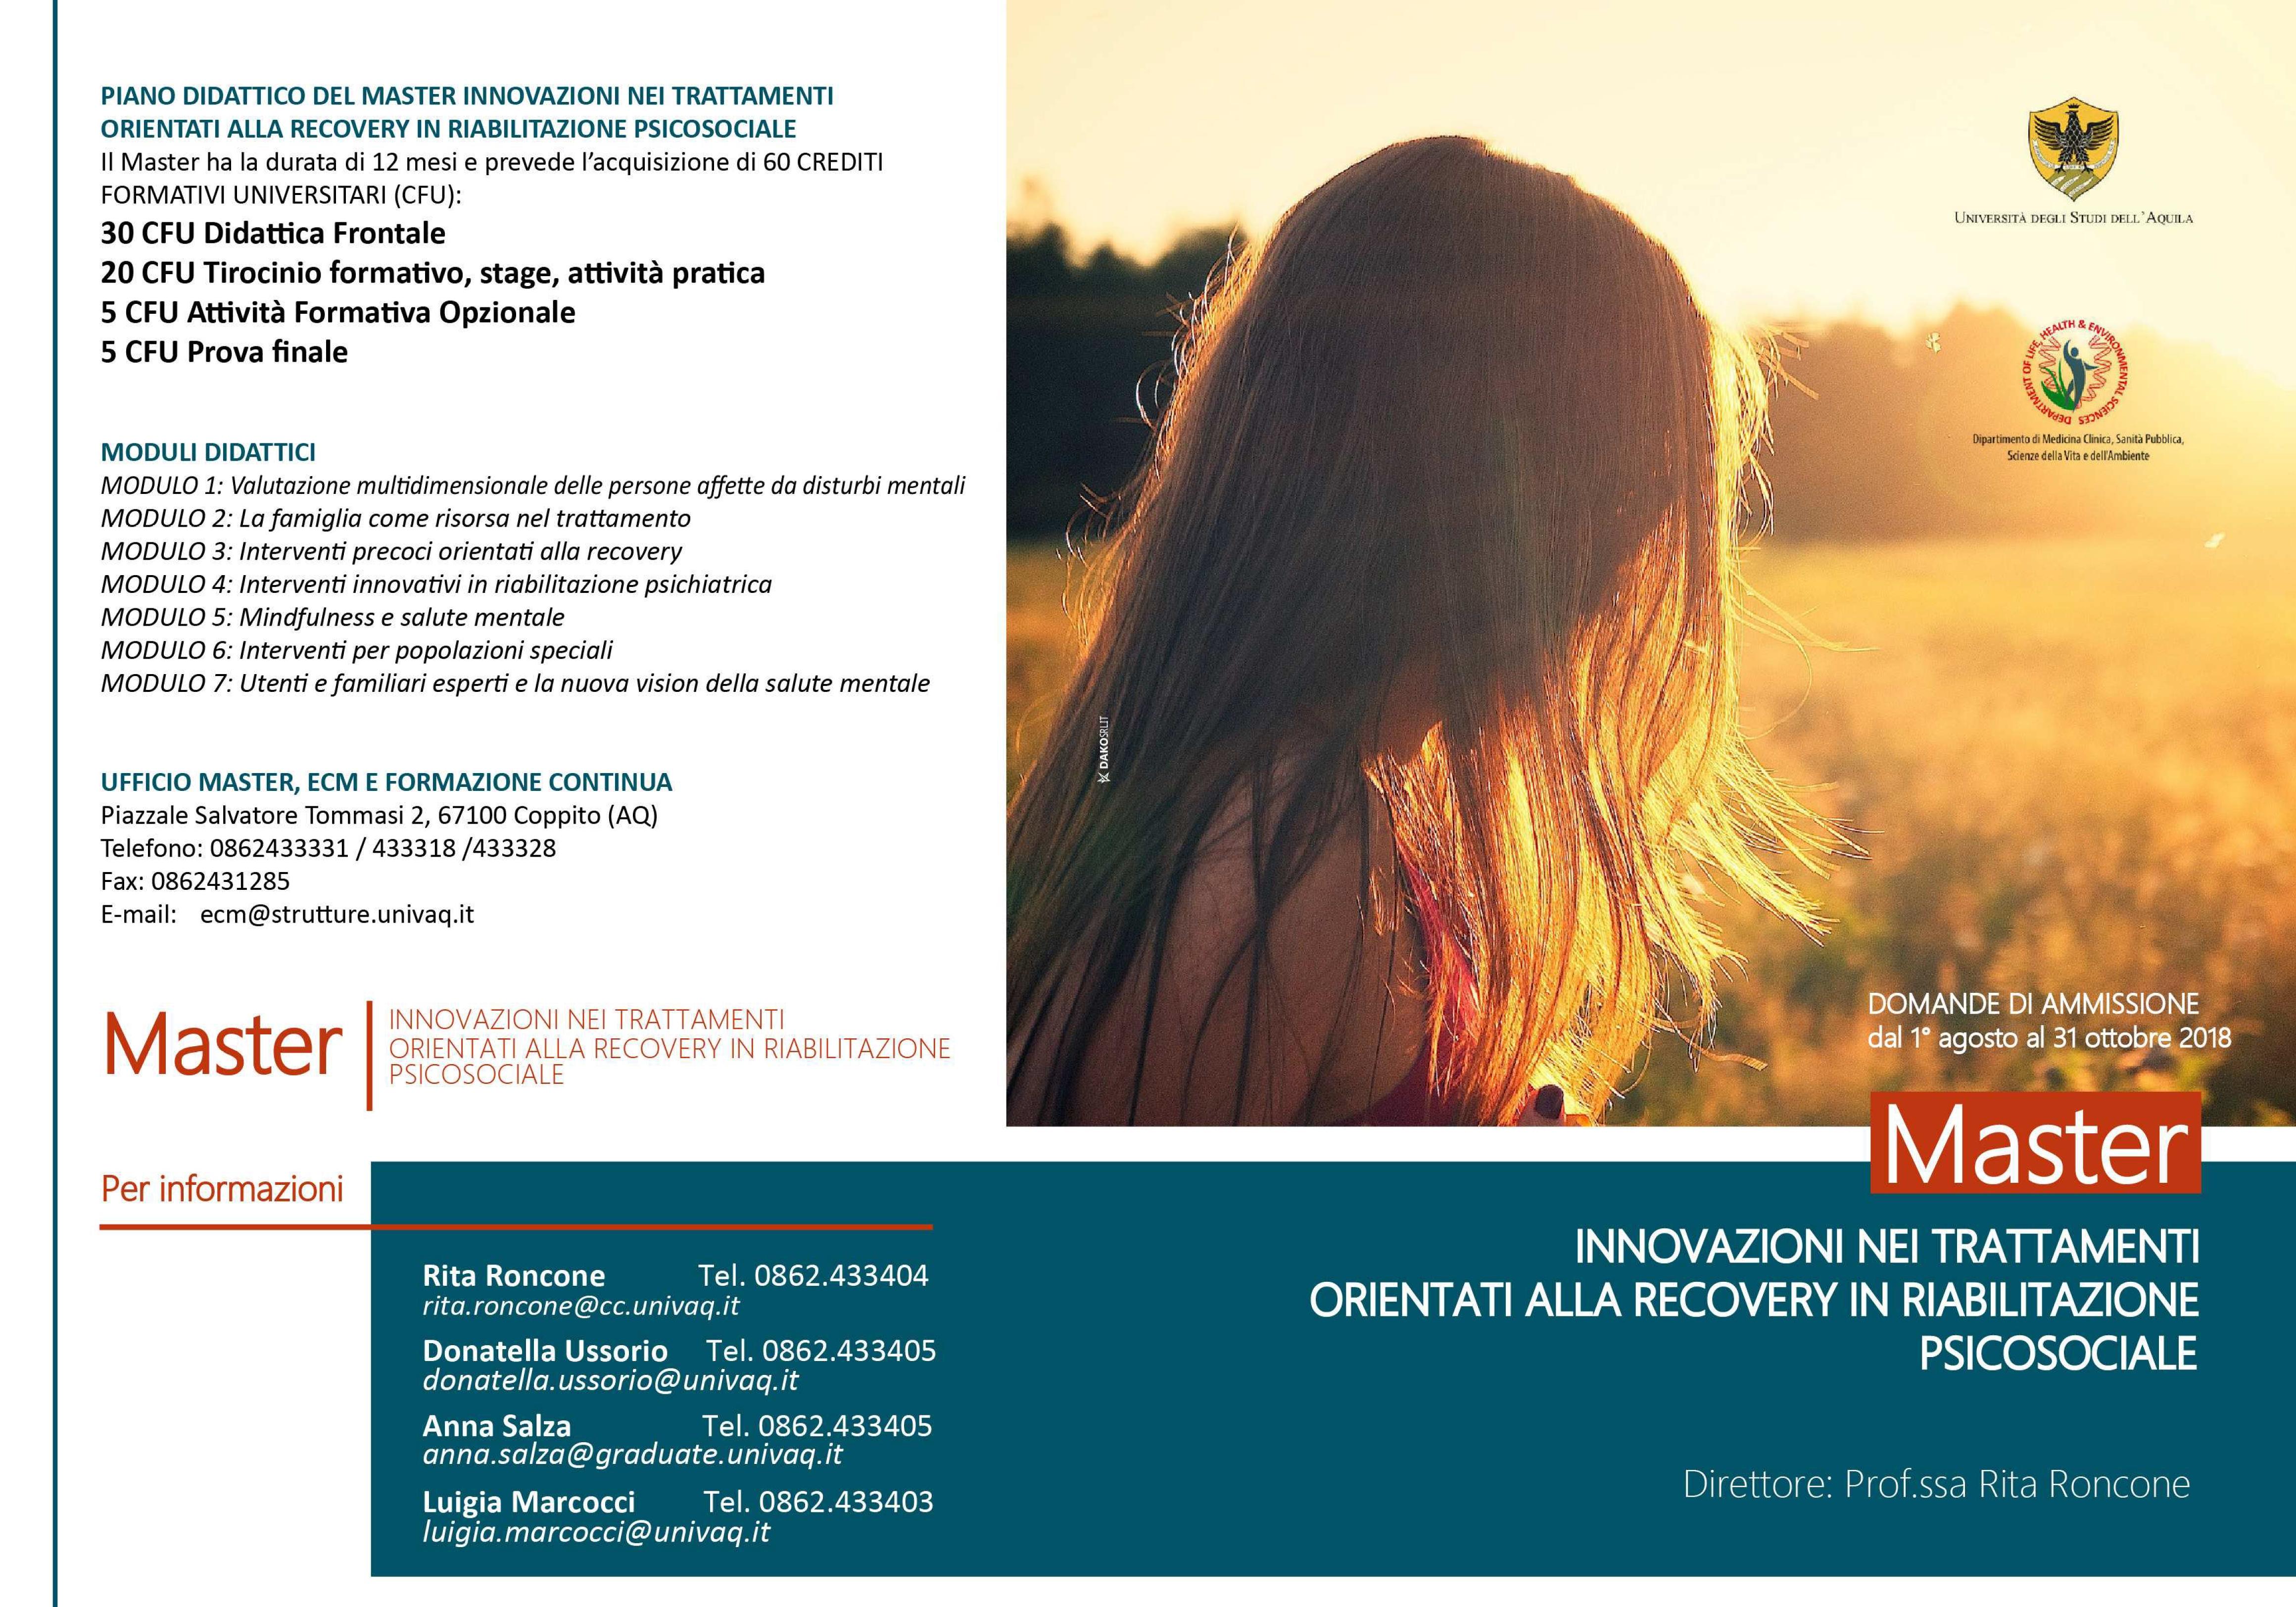 """Master """"Innovazione nei trattamenti orientati alla recovery in riabilitazione psicosociale"""" – Università dell'Aquila"""